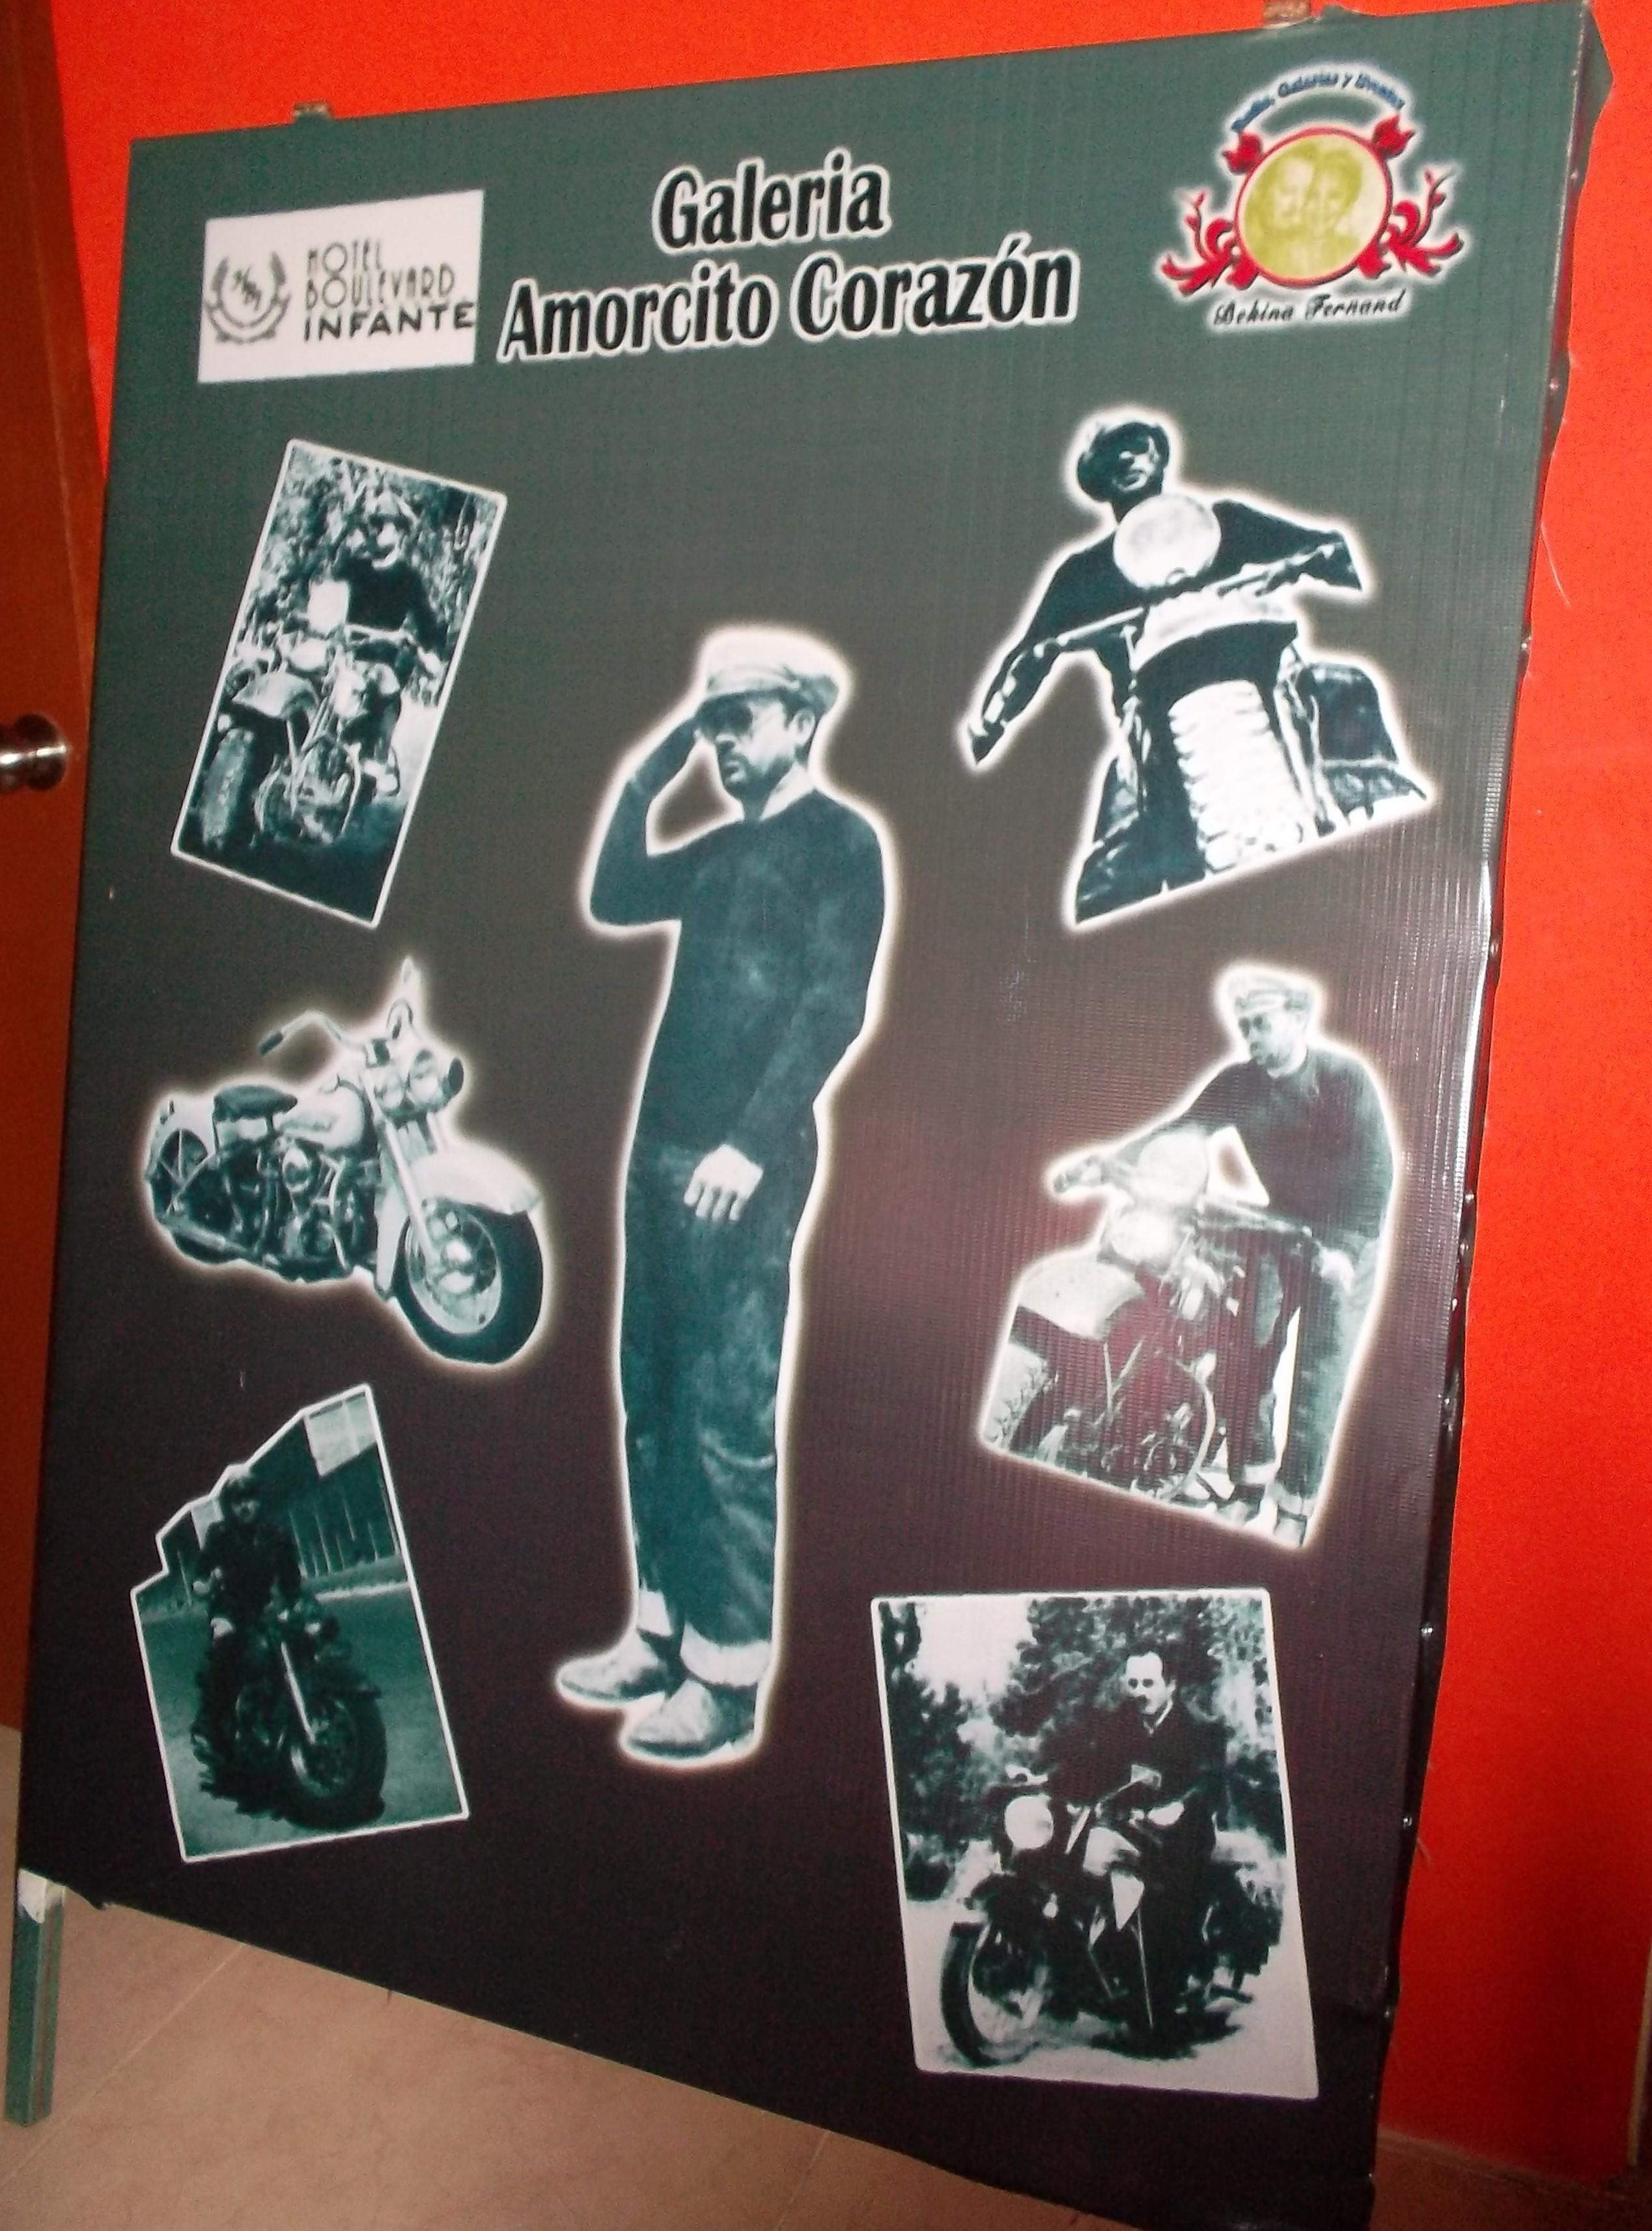 Harley Davidson de Pedro Infante, tema de un collage